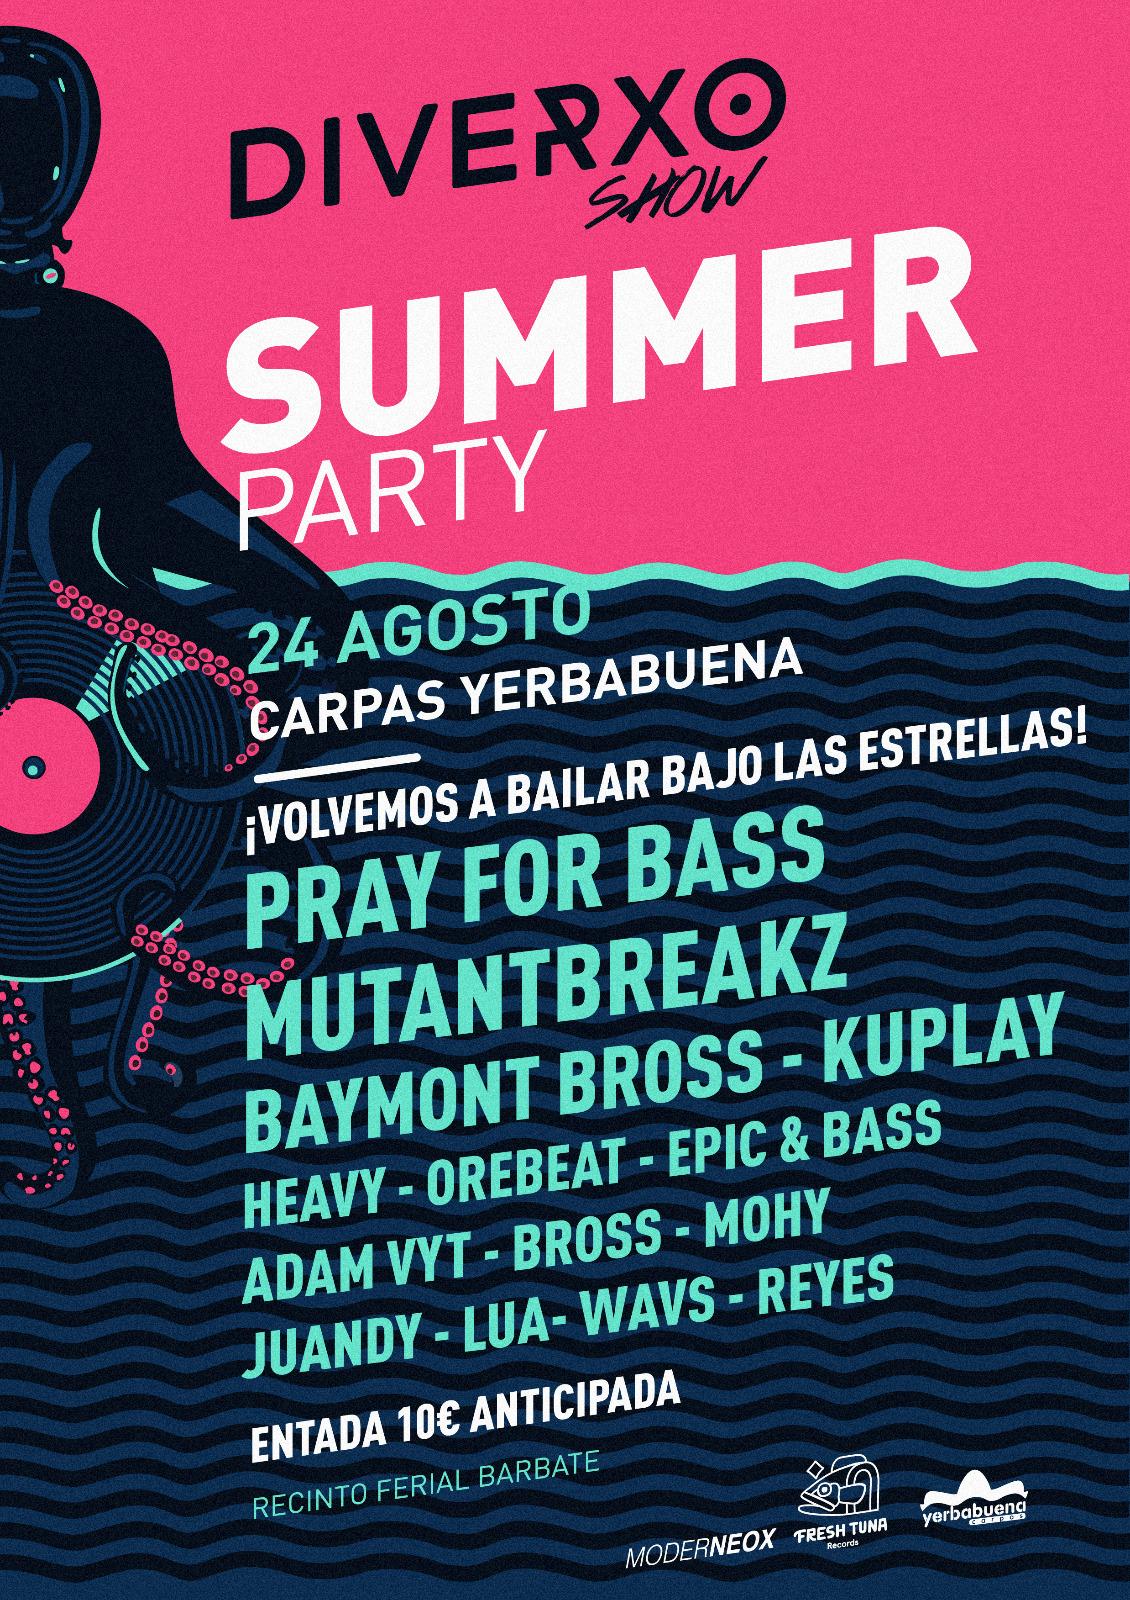 Summer Party @ Carpas Yerbabuena